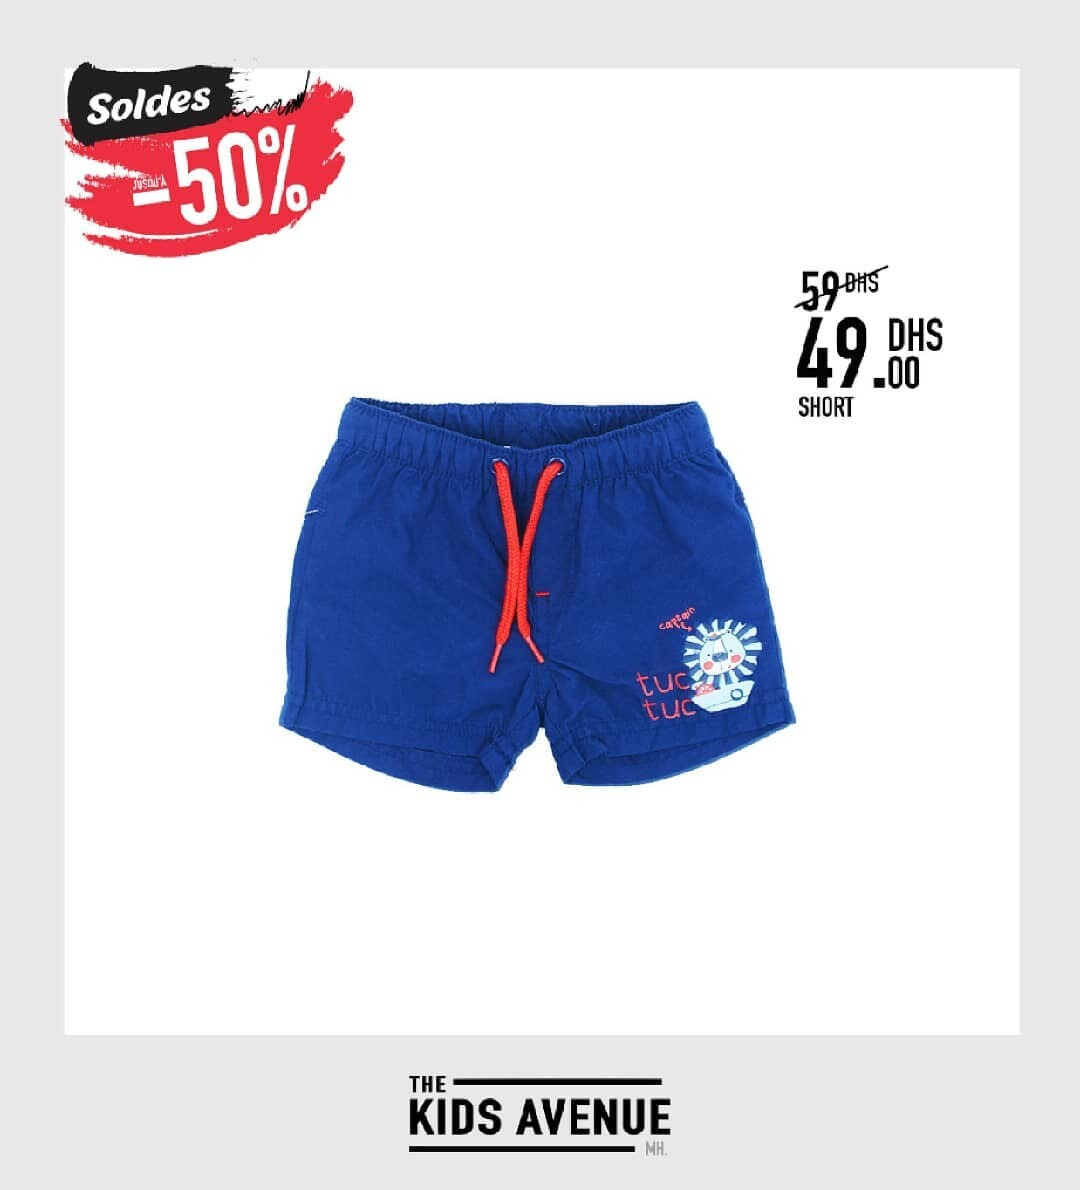 Soldes Kids Avenue MH Short sport pour  garçon 49Dhs au lieu de 59Dhs